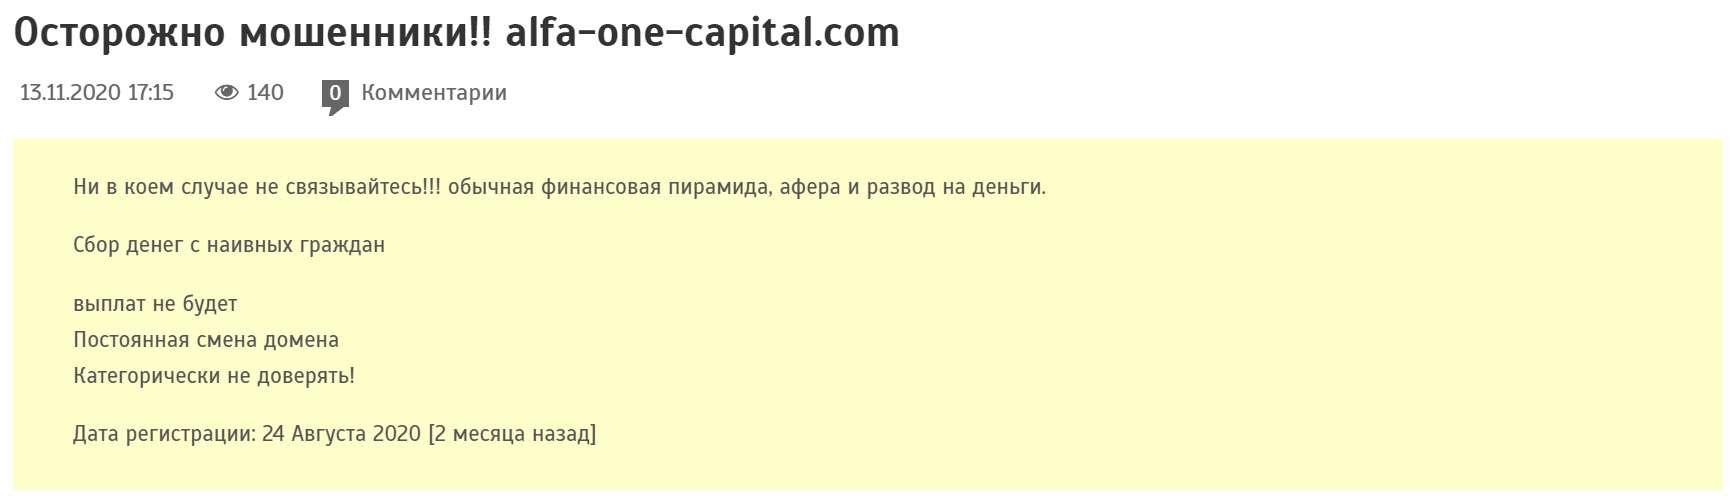 Alfa-one-capital.com Что это за проект-лохотрон? Отзывы и обзор лжеброкера.